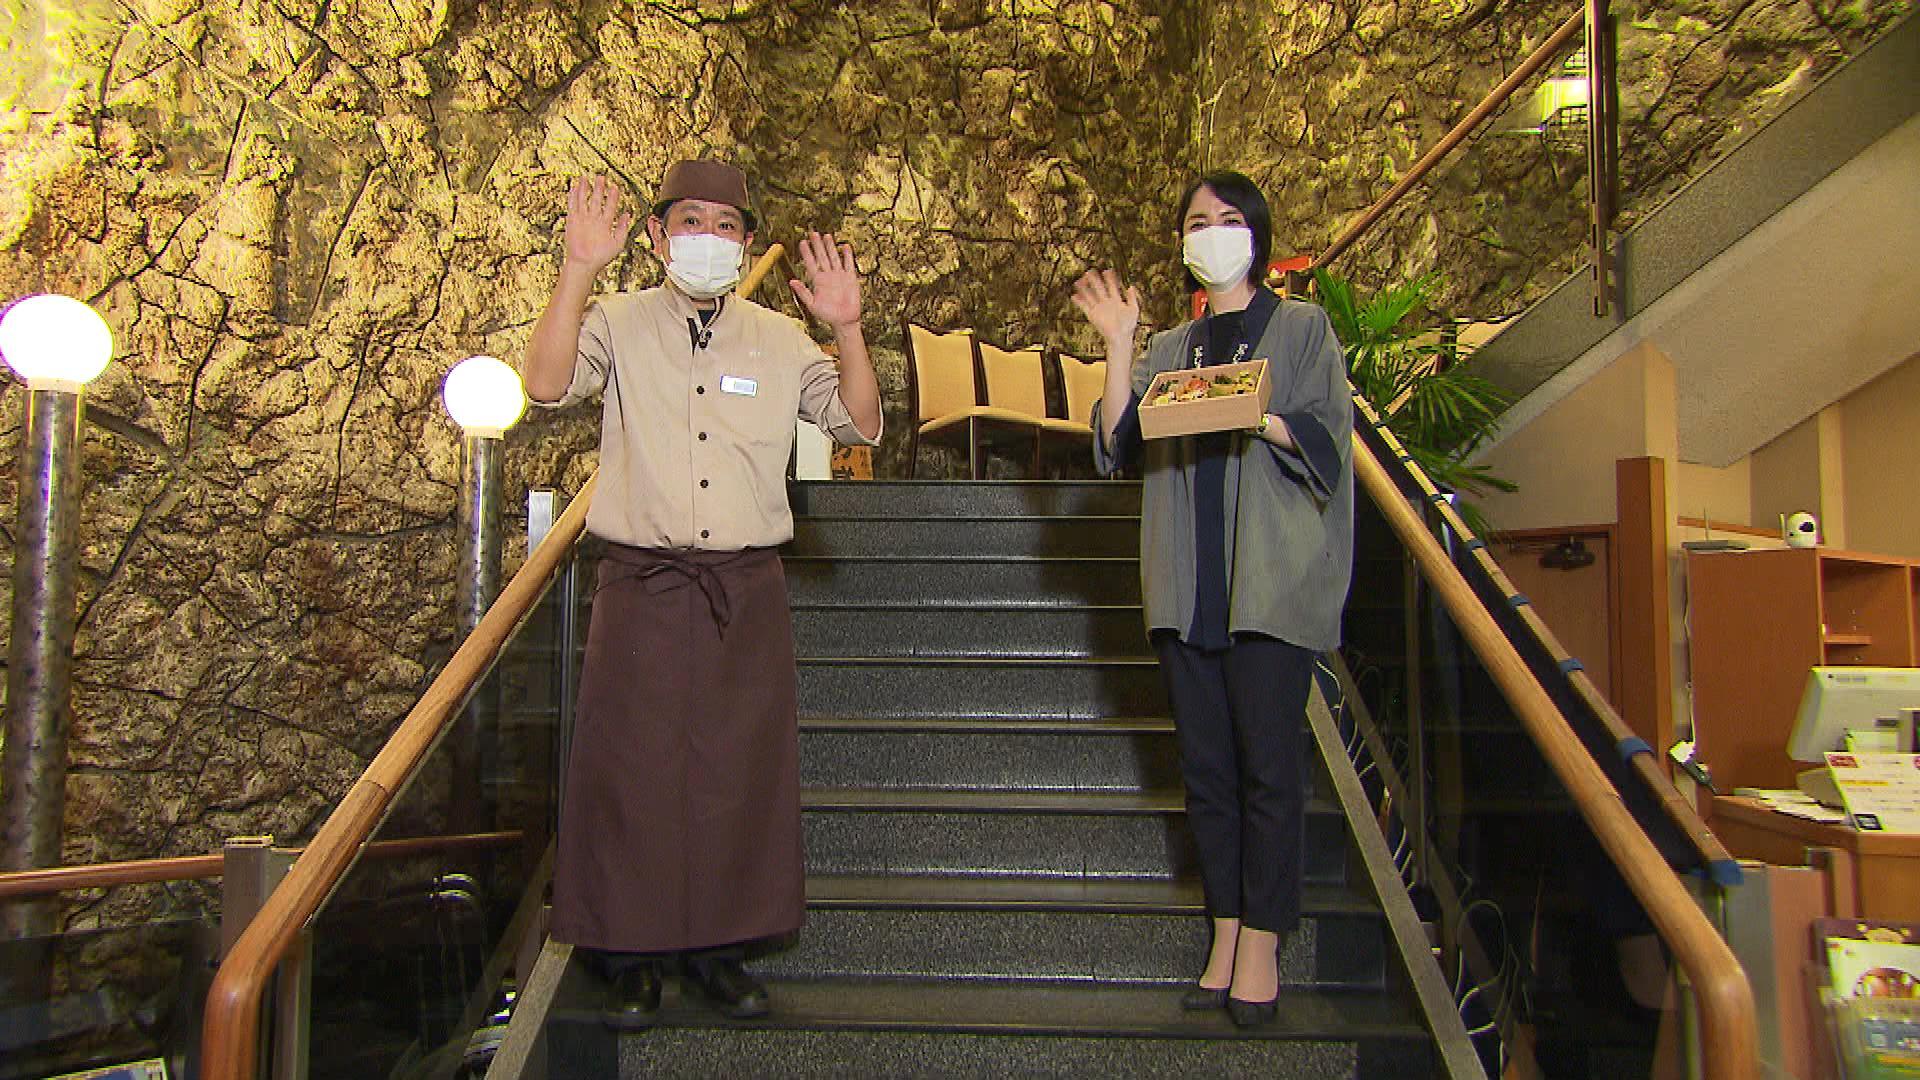 取材にご協力いただいた料理長:松尾正彦さん(写真左)と田村さん(写真右)